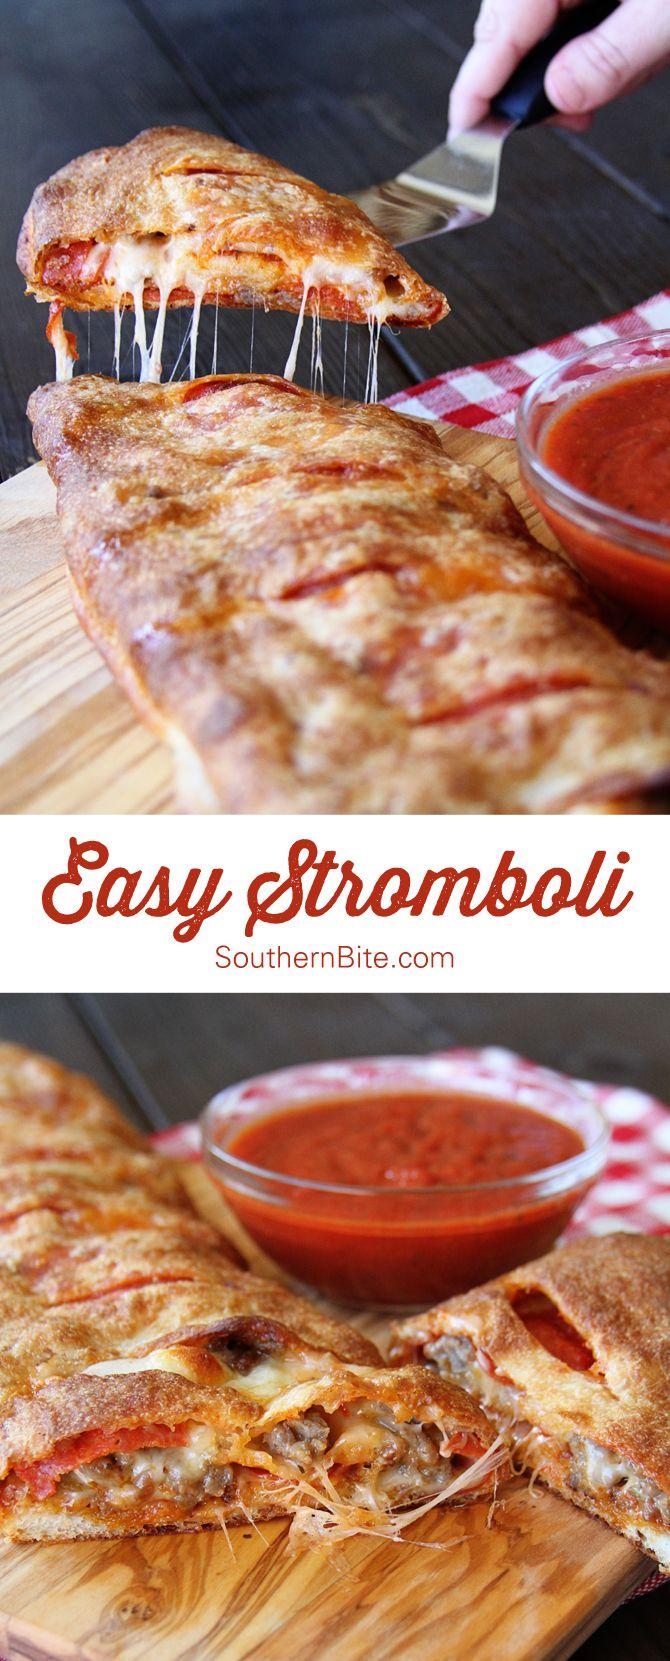 Photo of Easy Stromboli